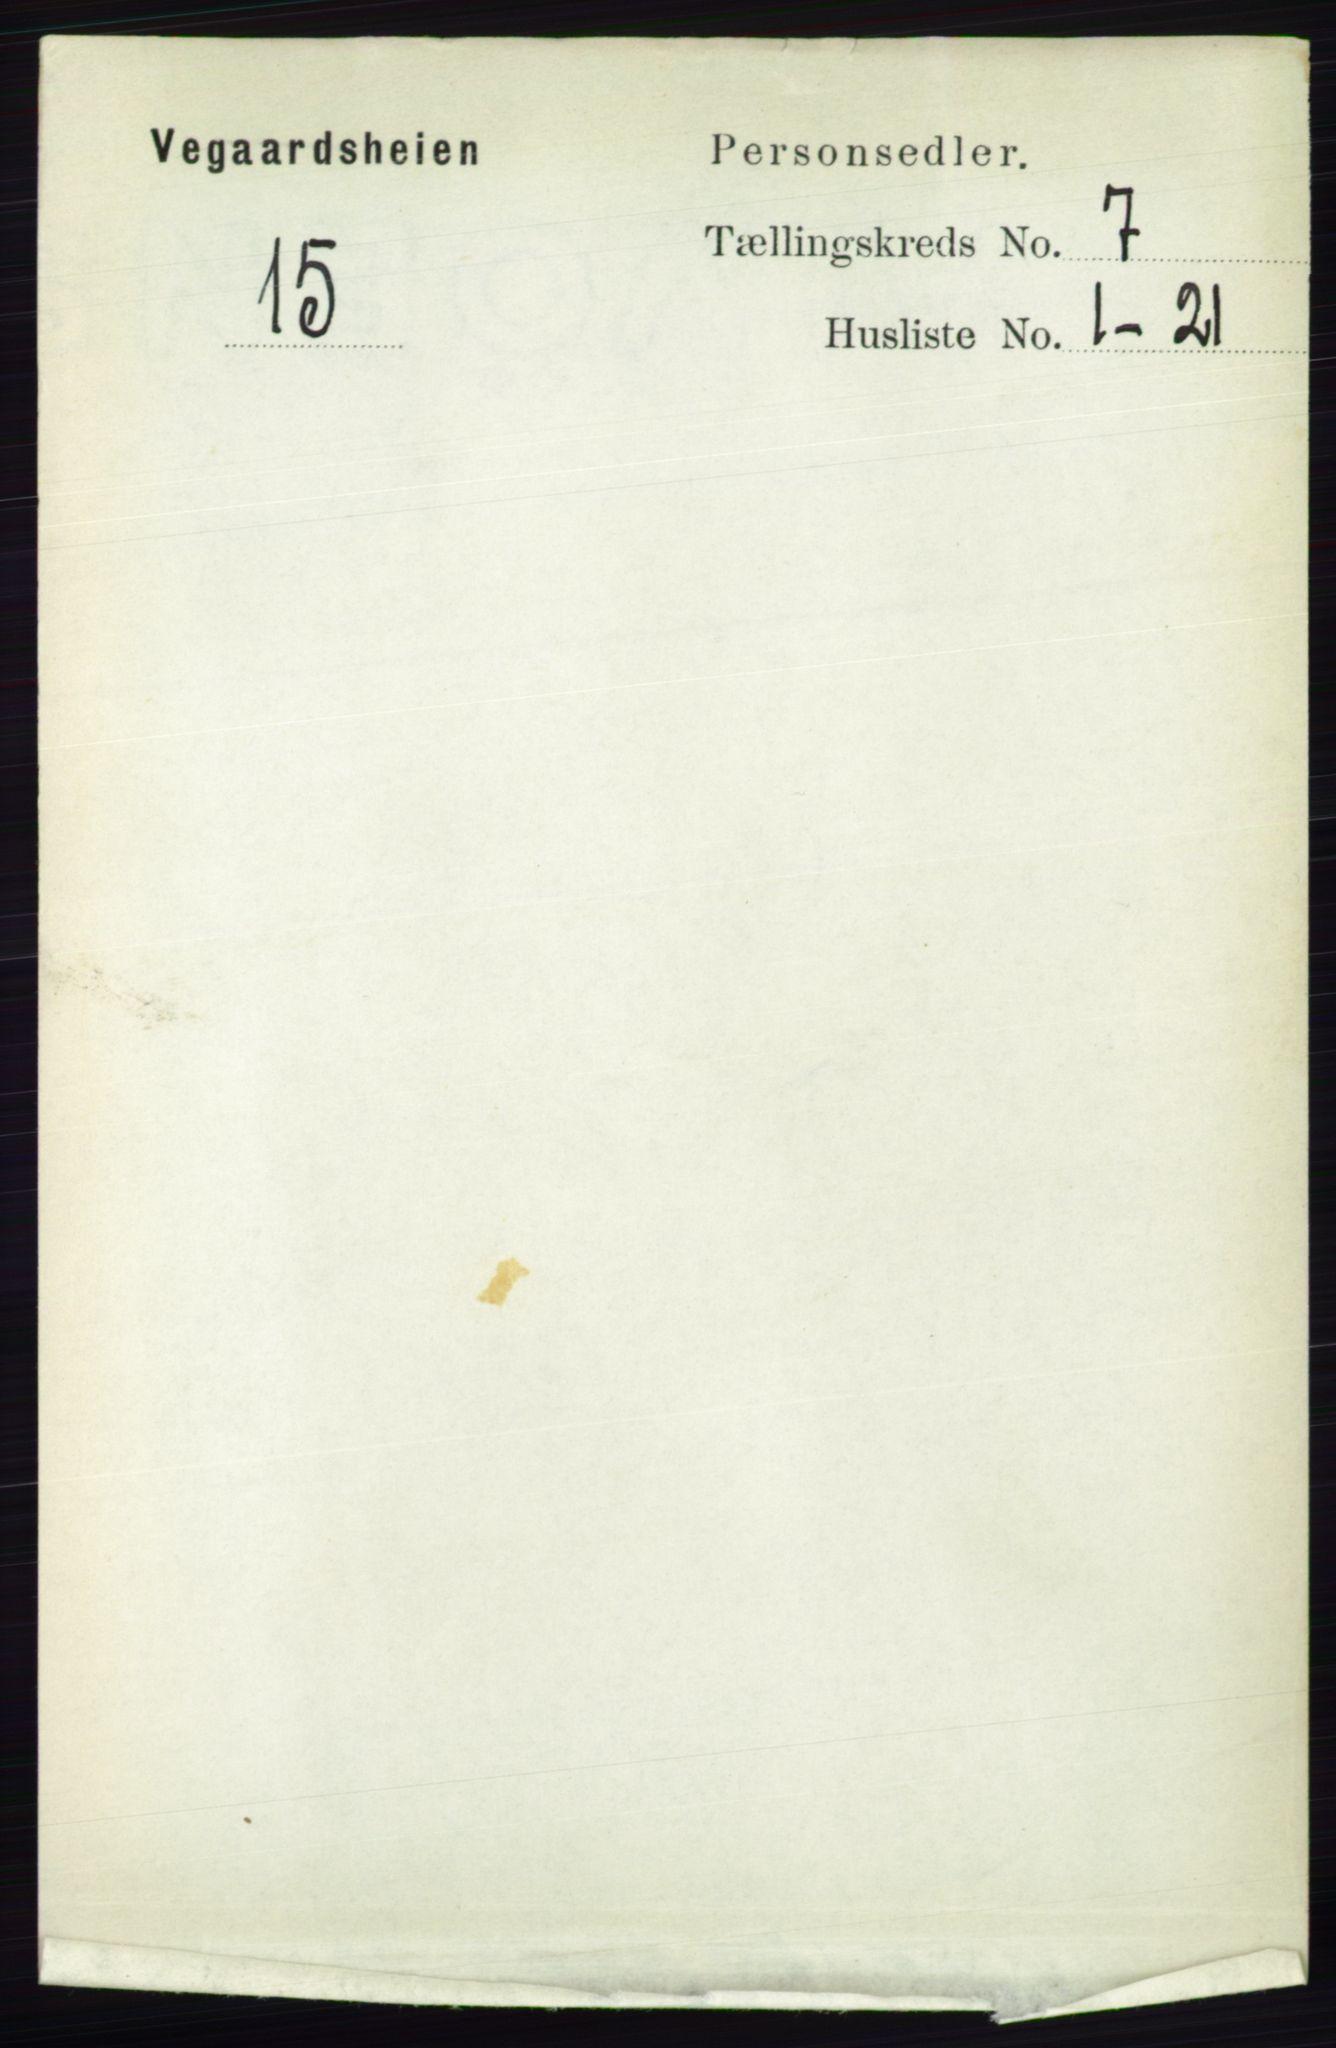 RA, Folketelling 1891 for 0912 Vegårshei herred, 1891, s. 1333